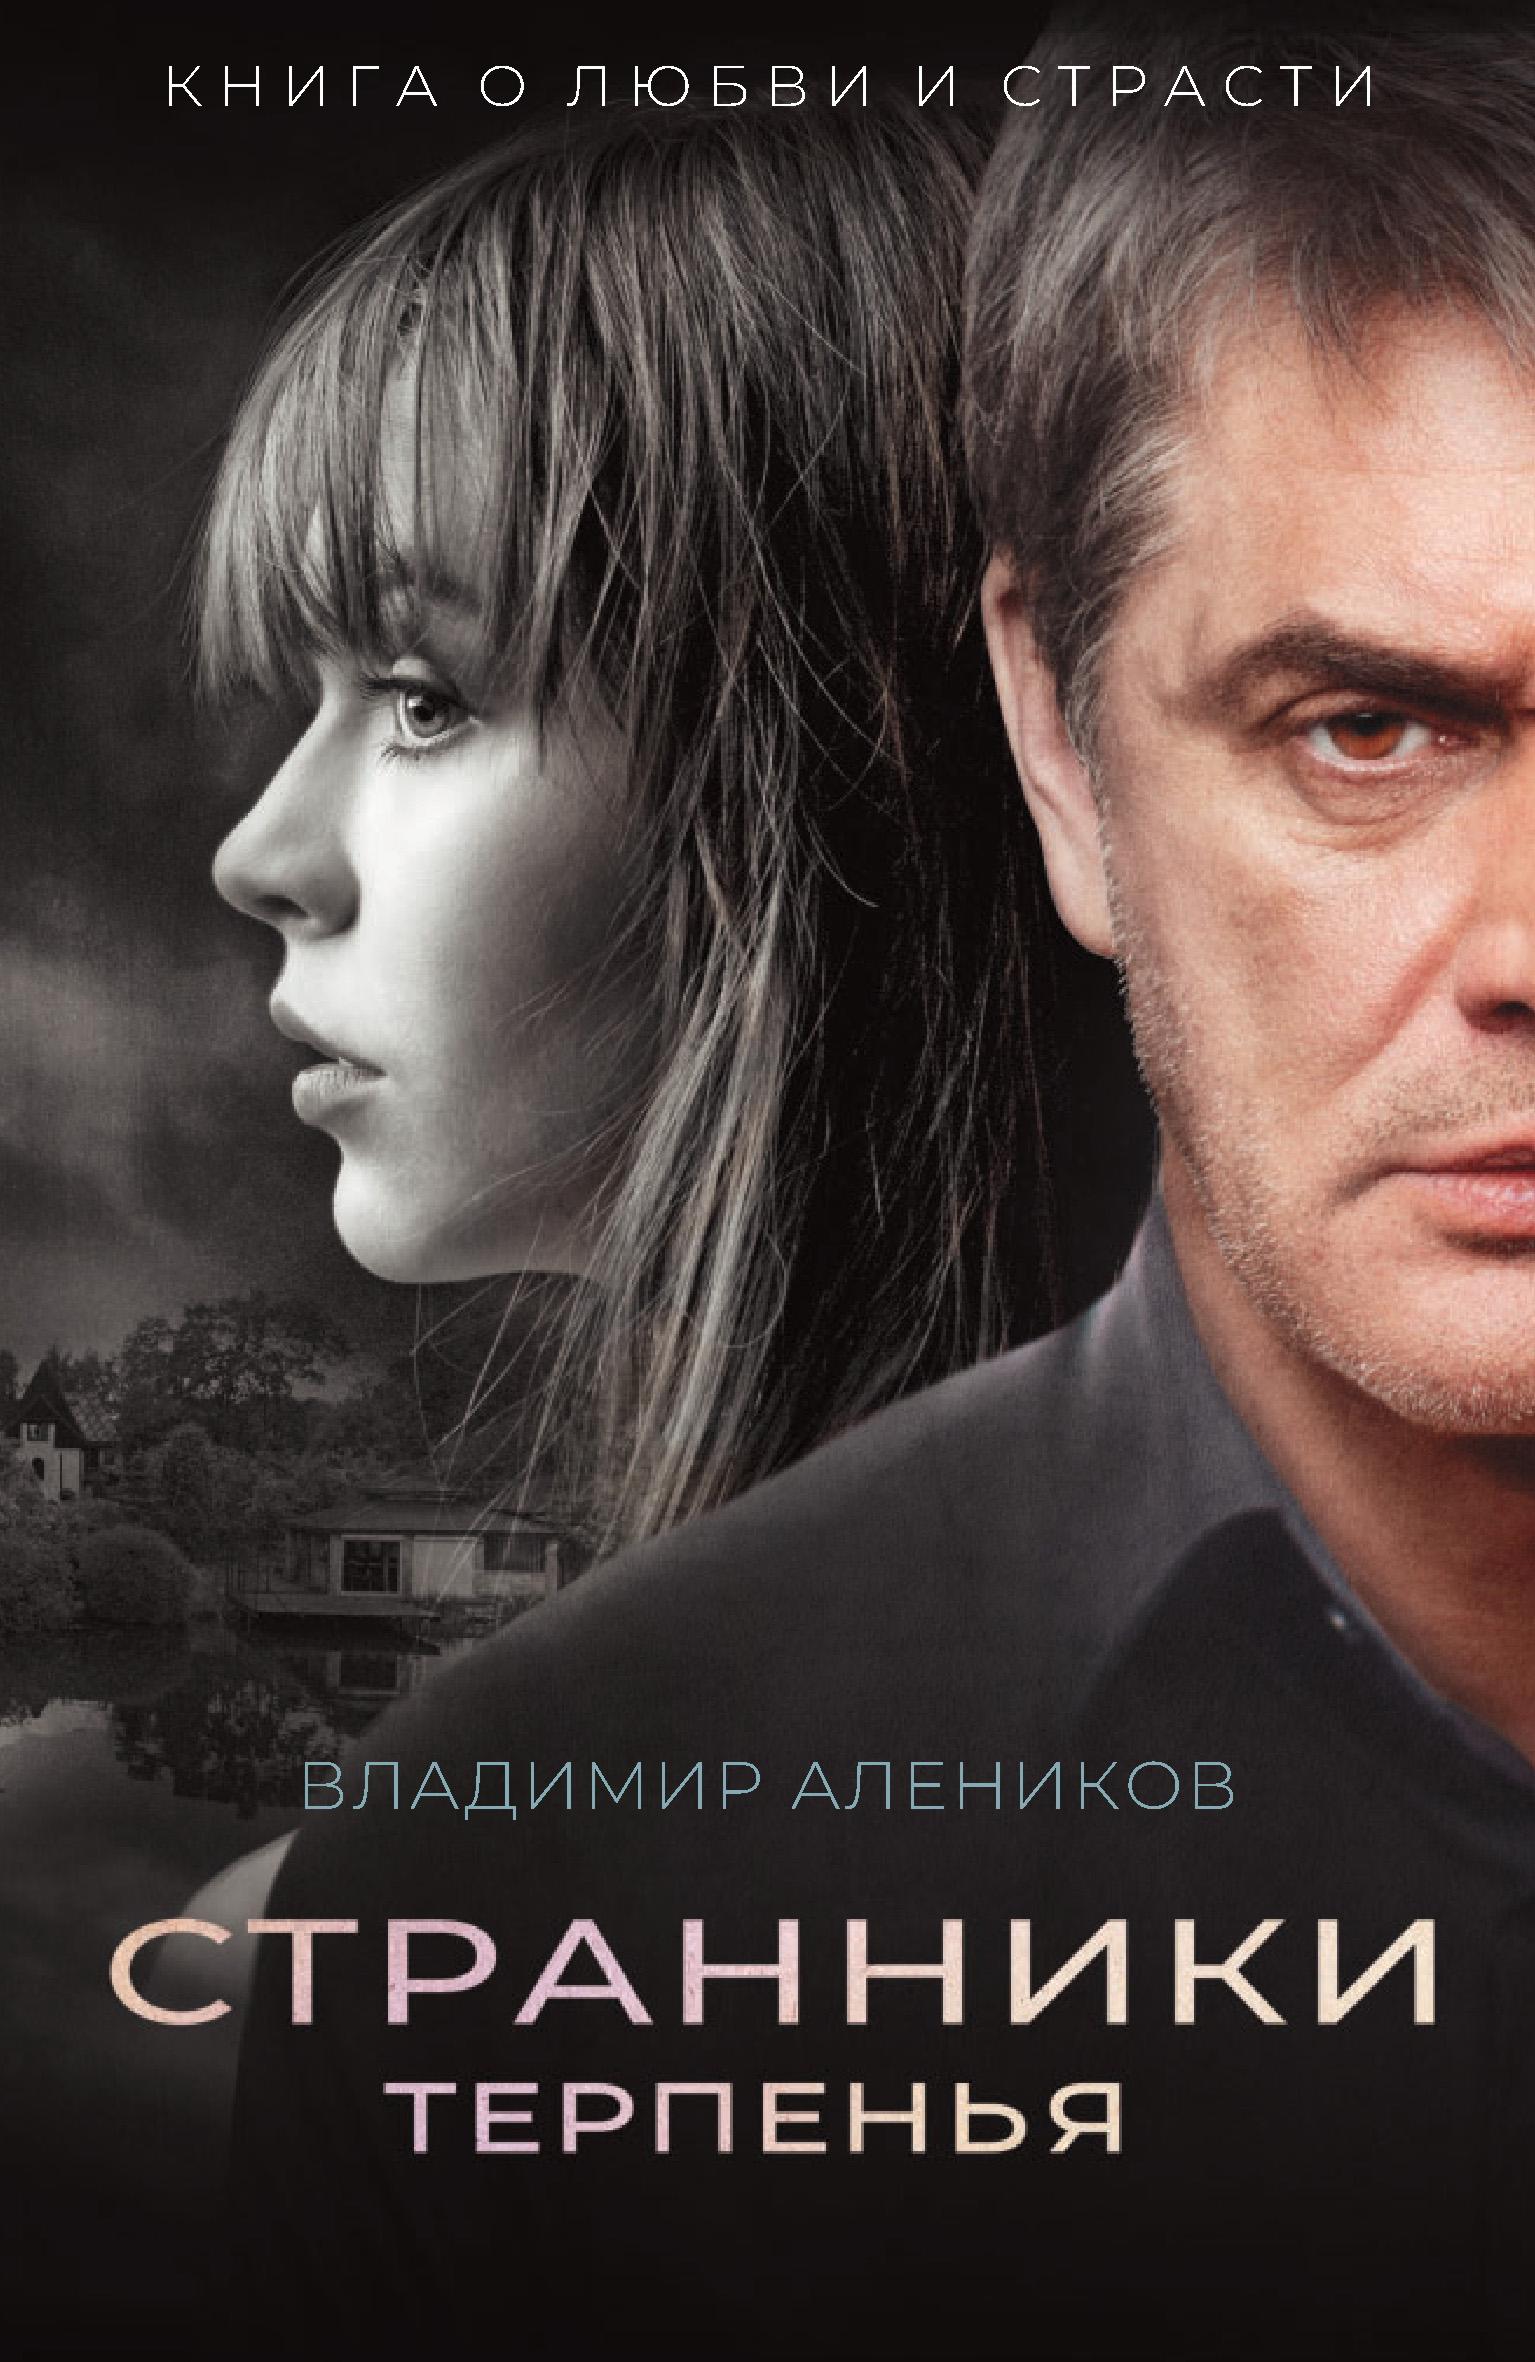 Владимир Алеников Странники терпенья